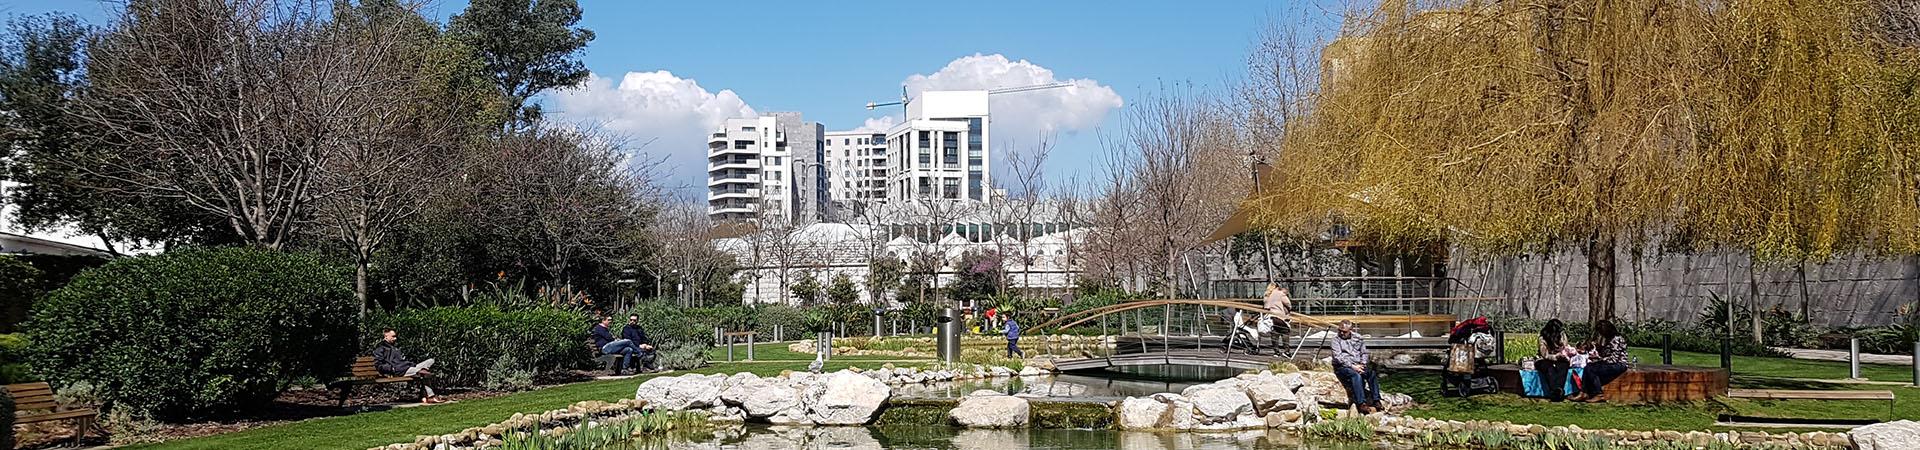 Development Finance image of gibraltar park